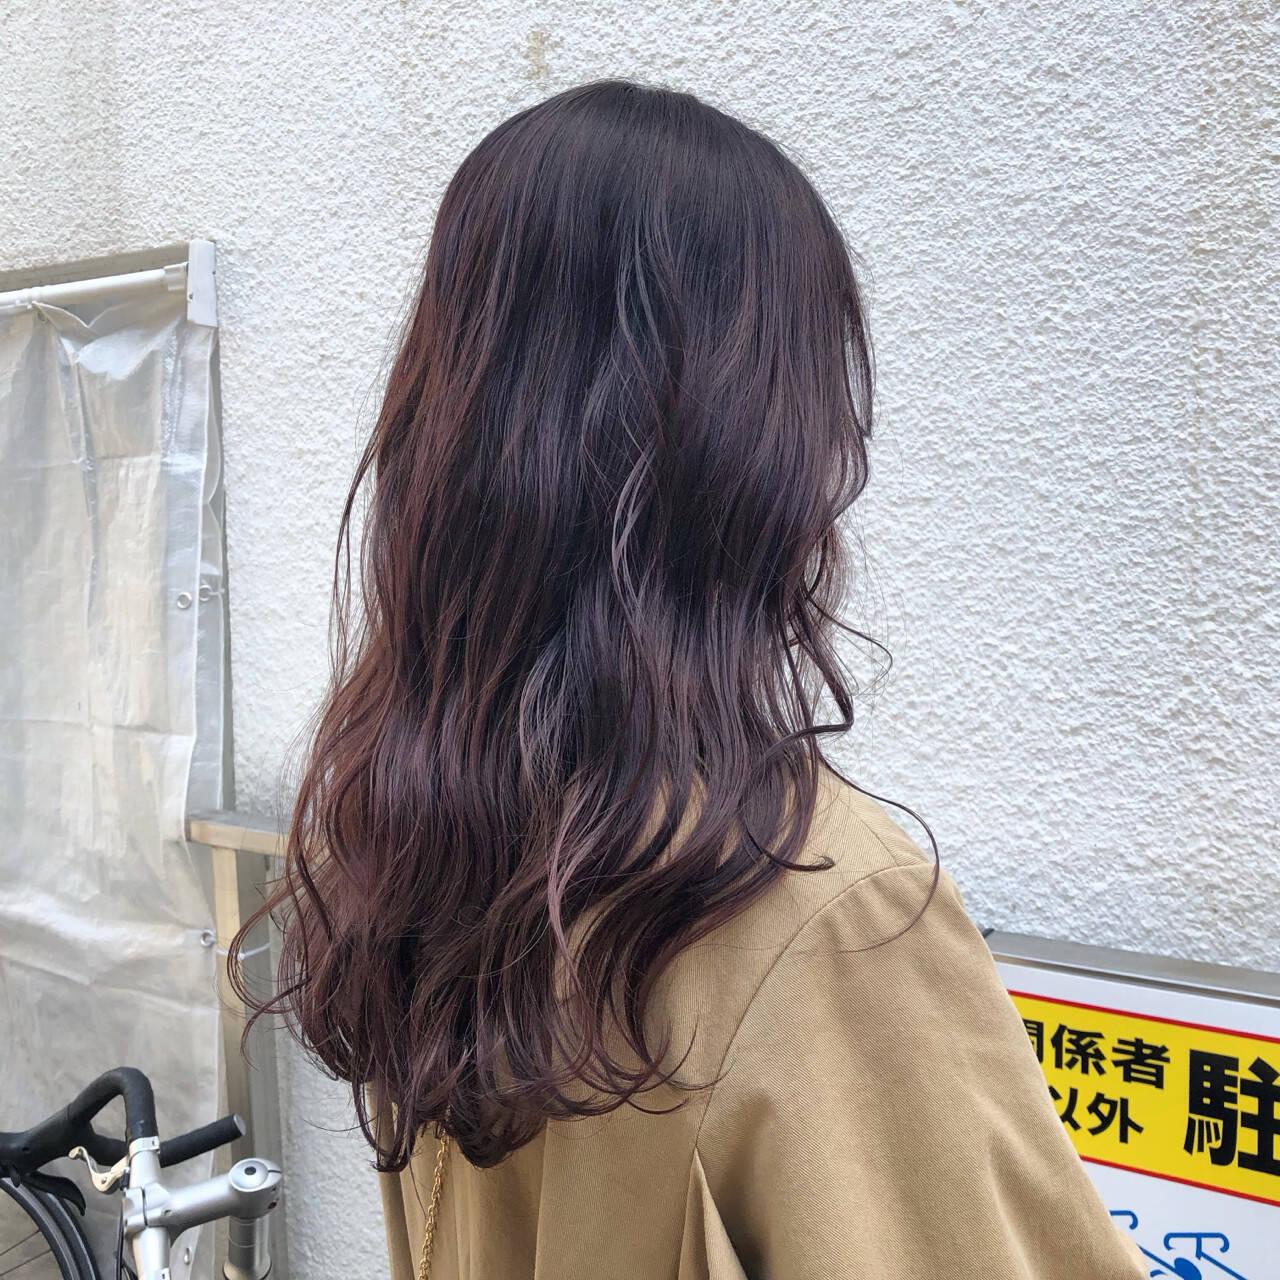 ガーリー ウェーブ アンニュイ ラベンダーピンクヘアスタイルや髪型の写真・画像